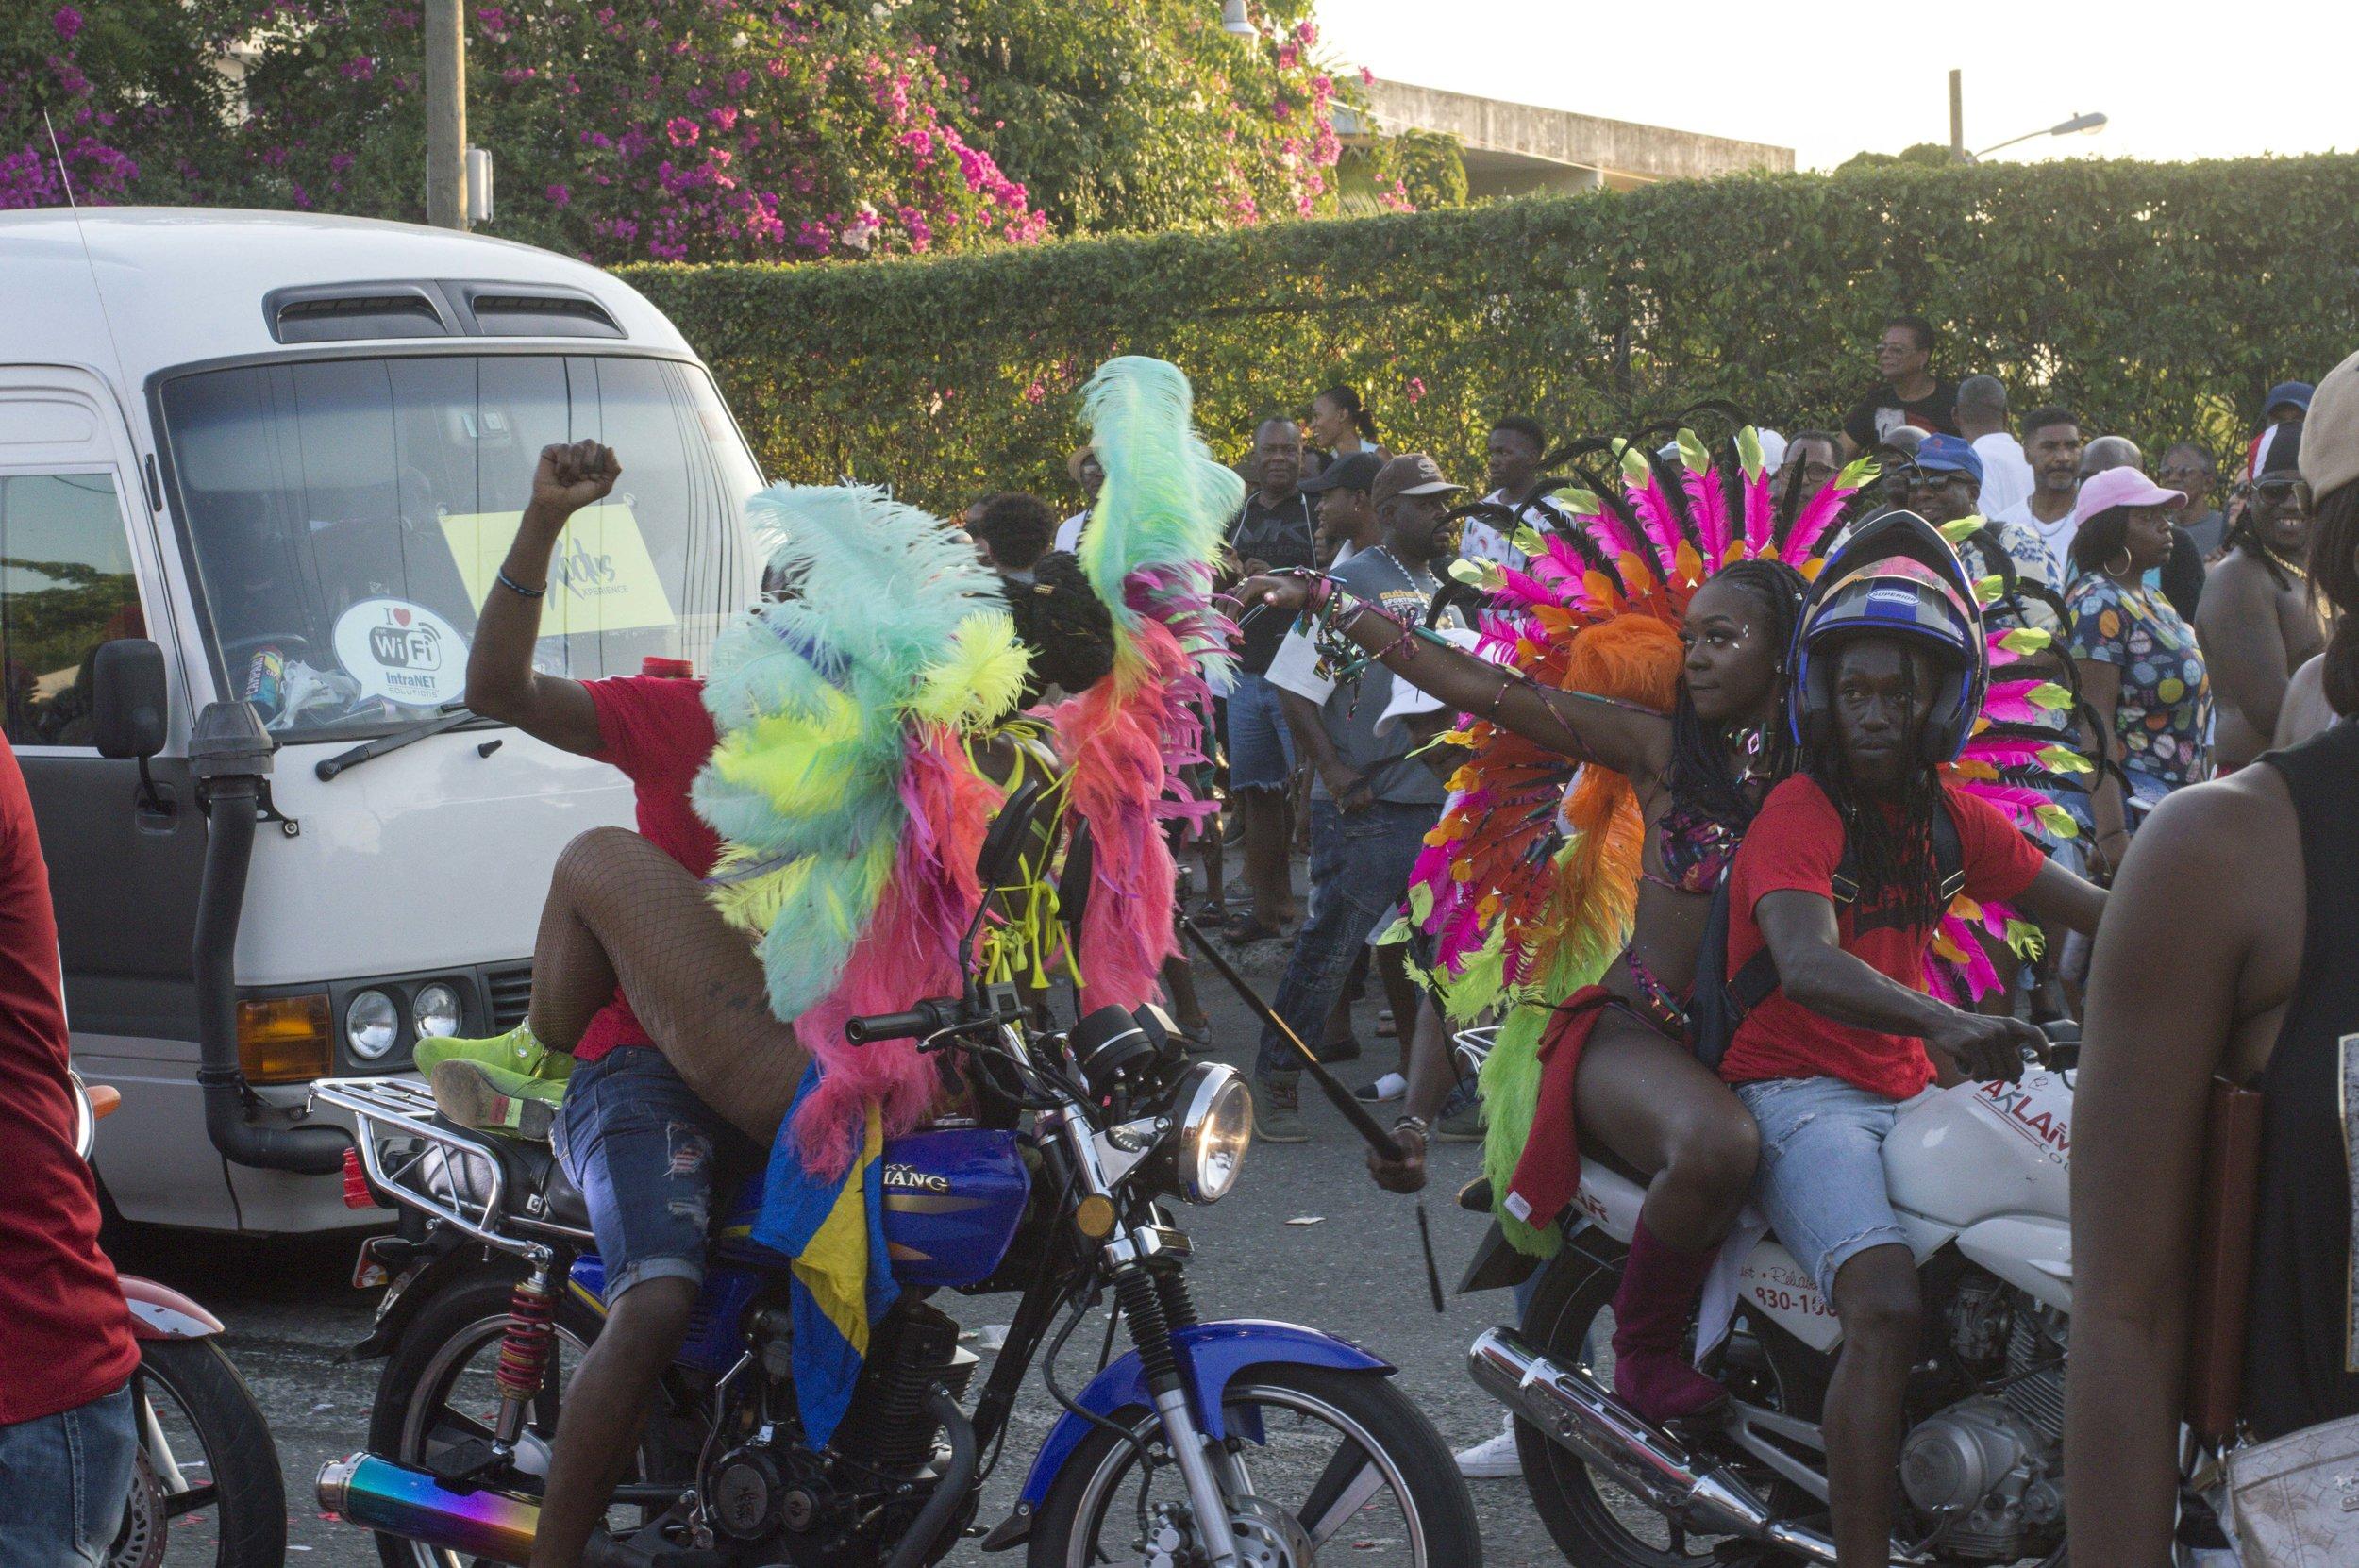 carnival2019_jeanalindo-45.jpg